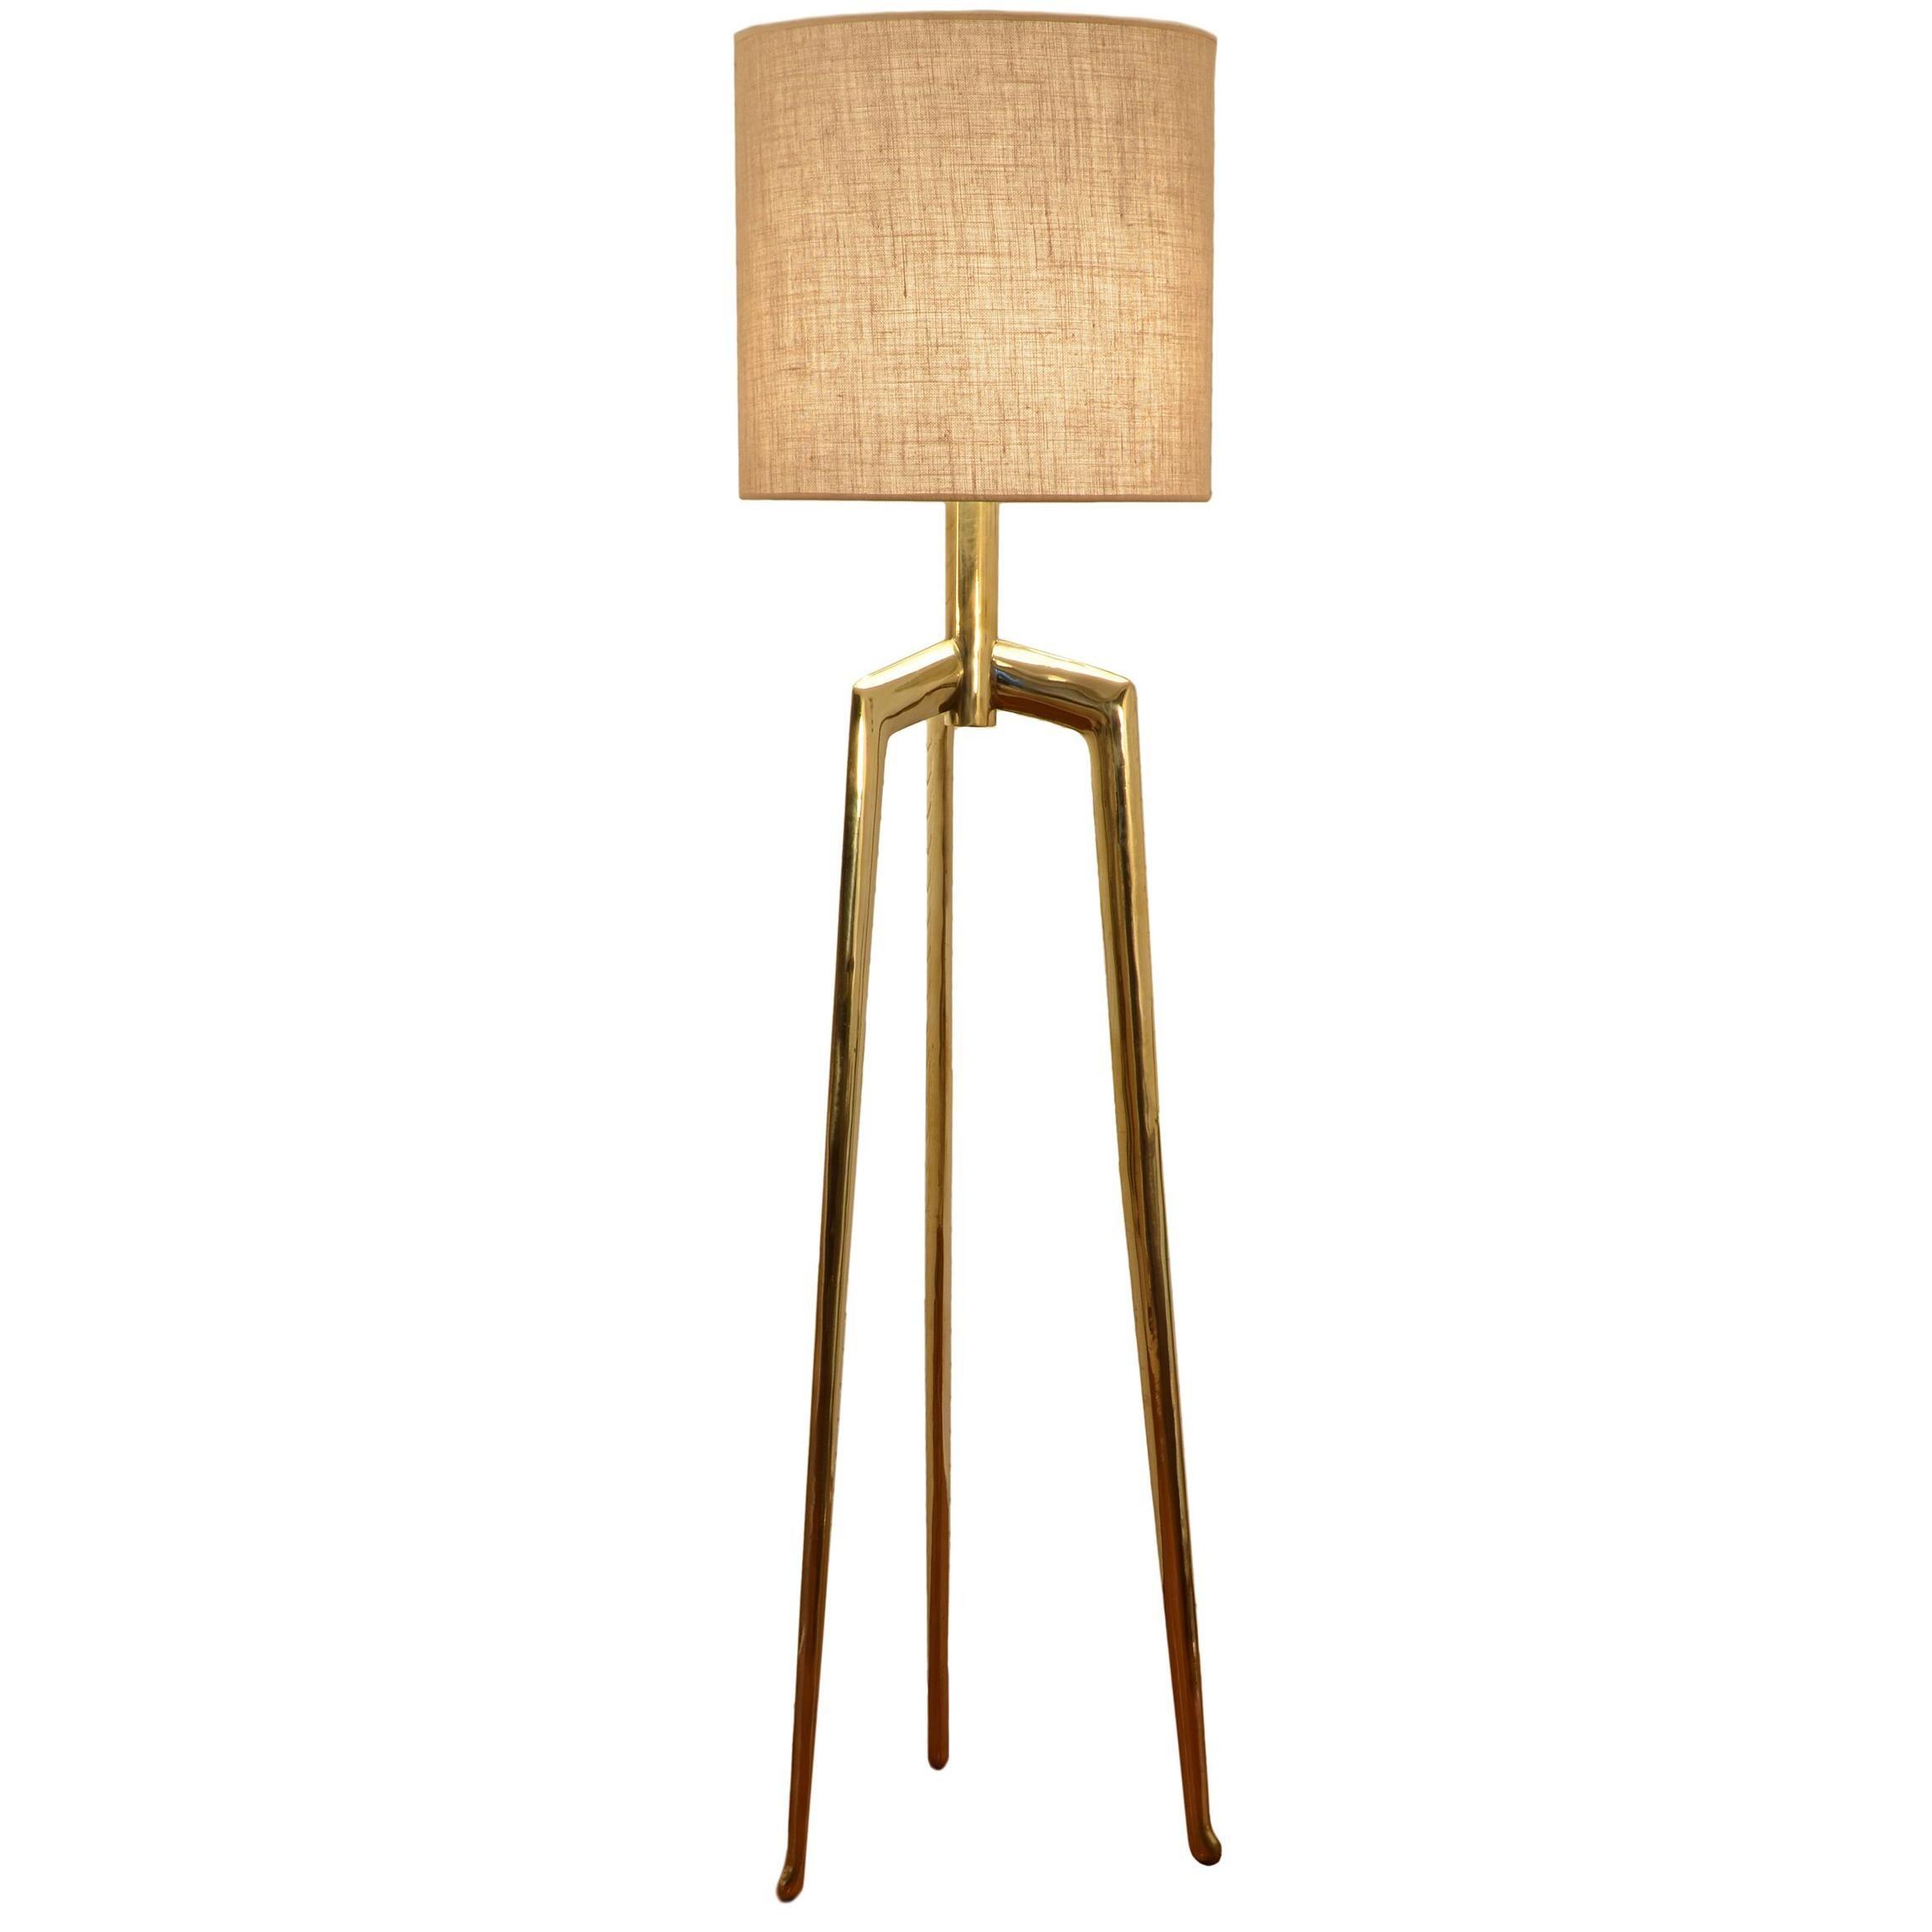 Sita co Contemporary Minimalist Brazilian Floor Lamp by Cristiana Bertolucci